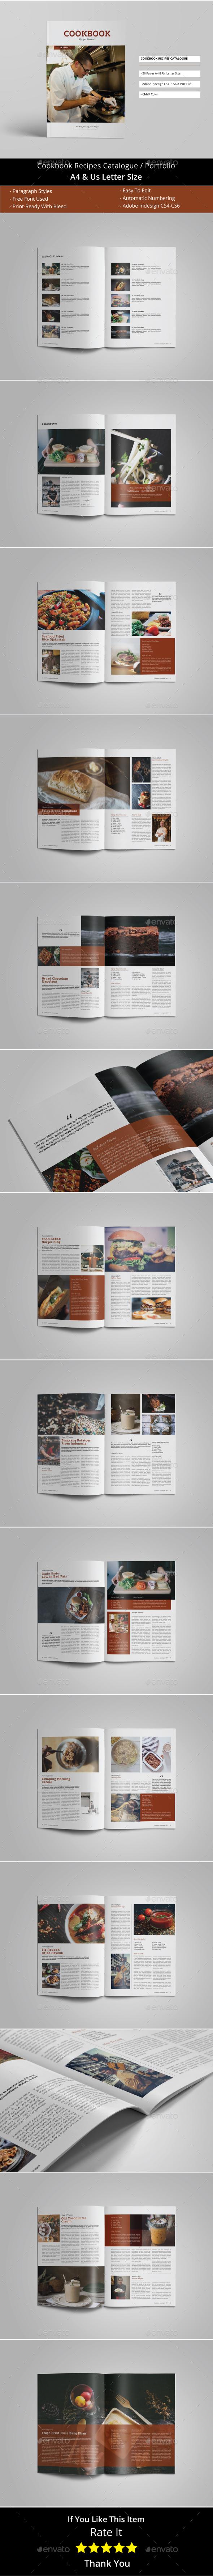 Cookbook Recipes Catalogue / Brochure - Catalogs Brochures